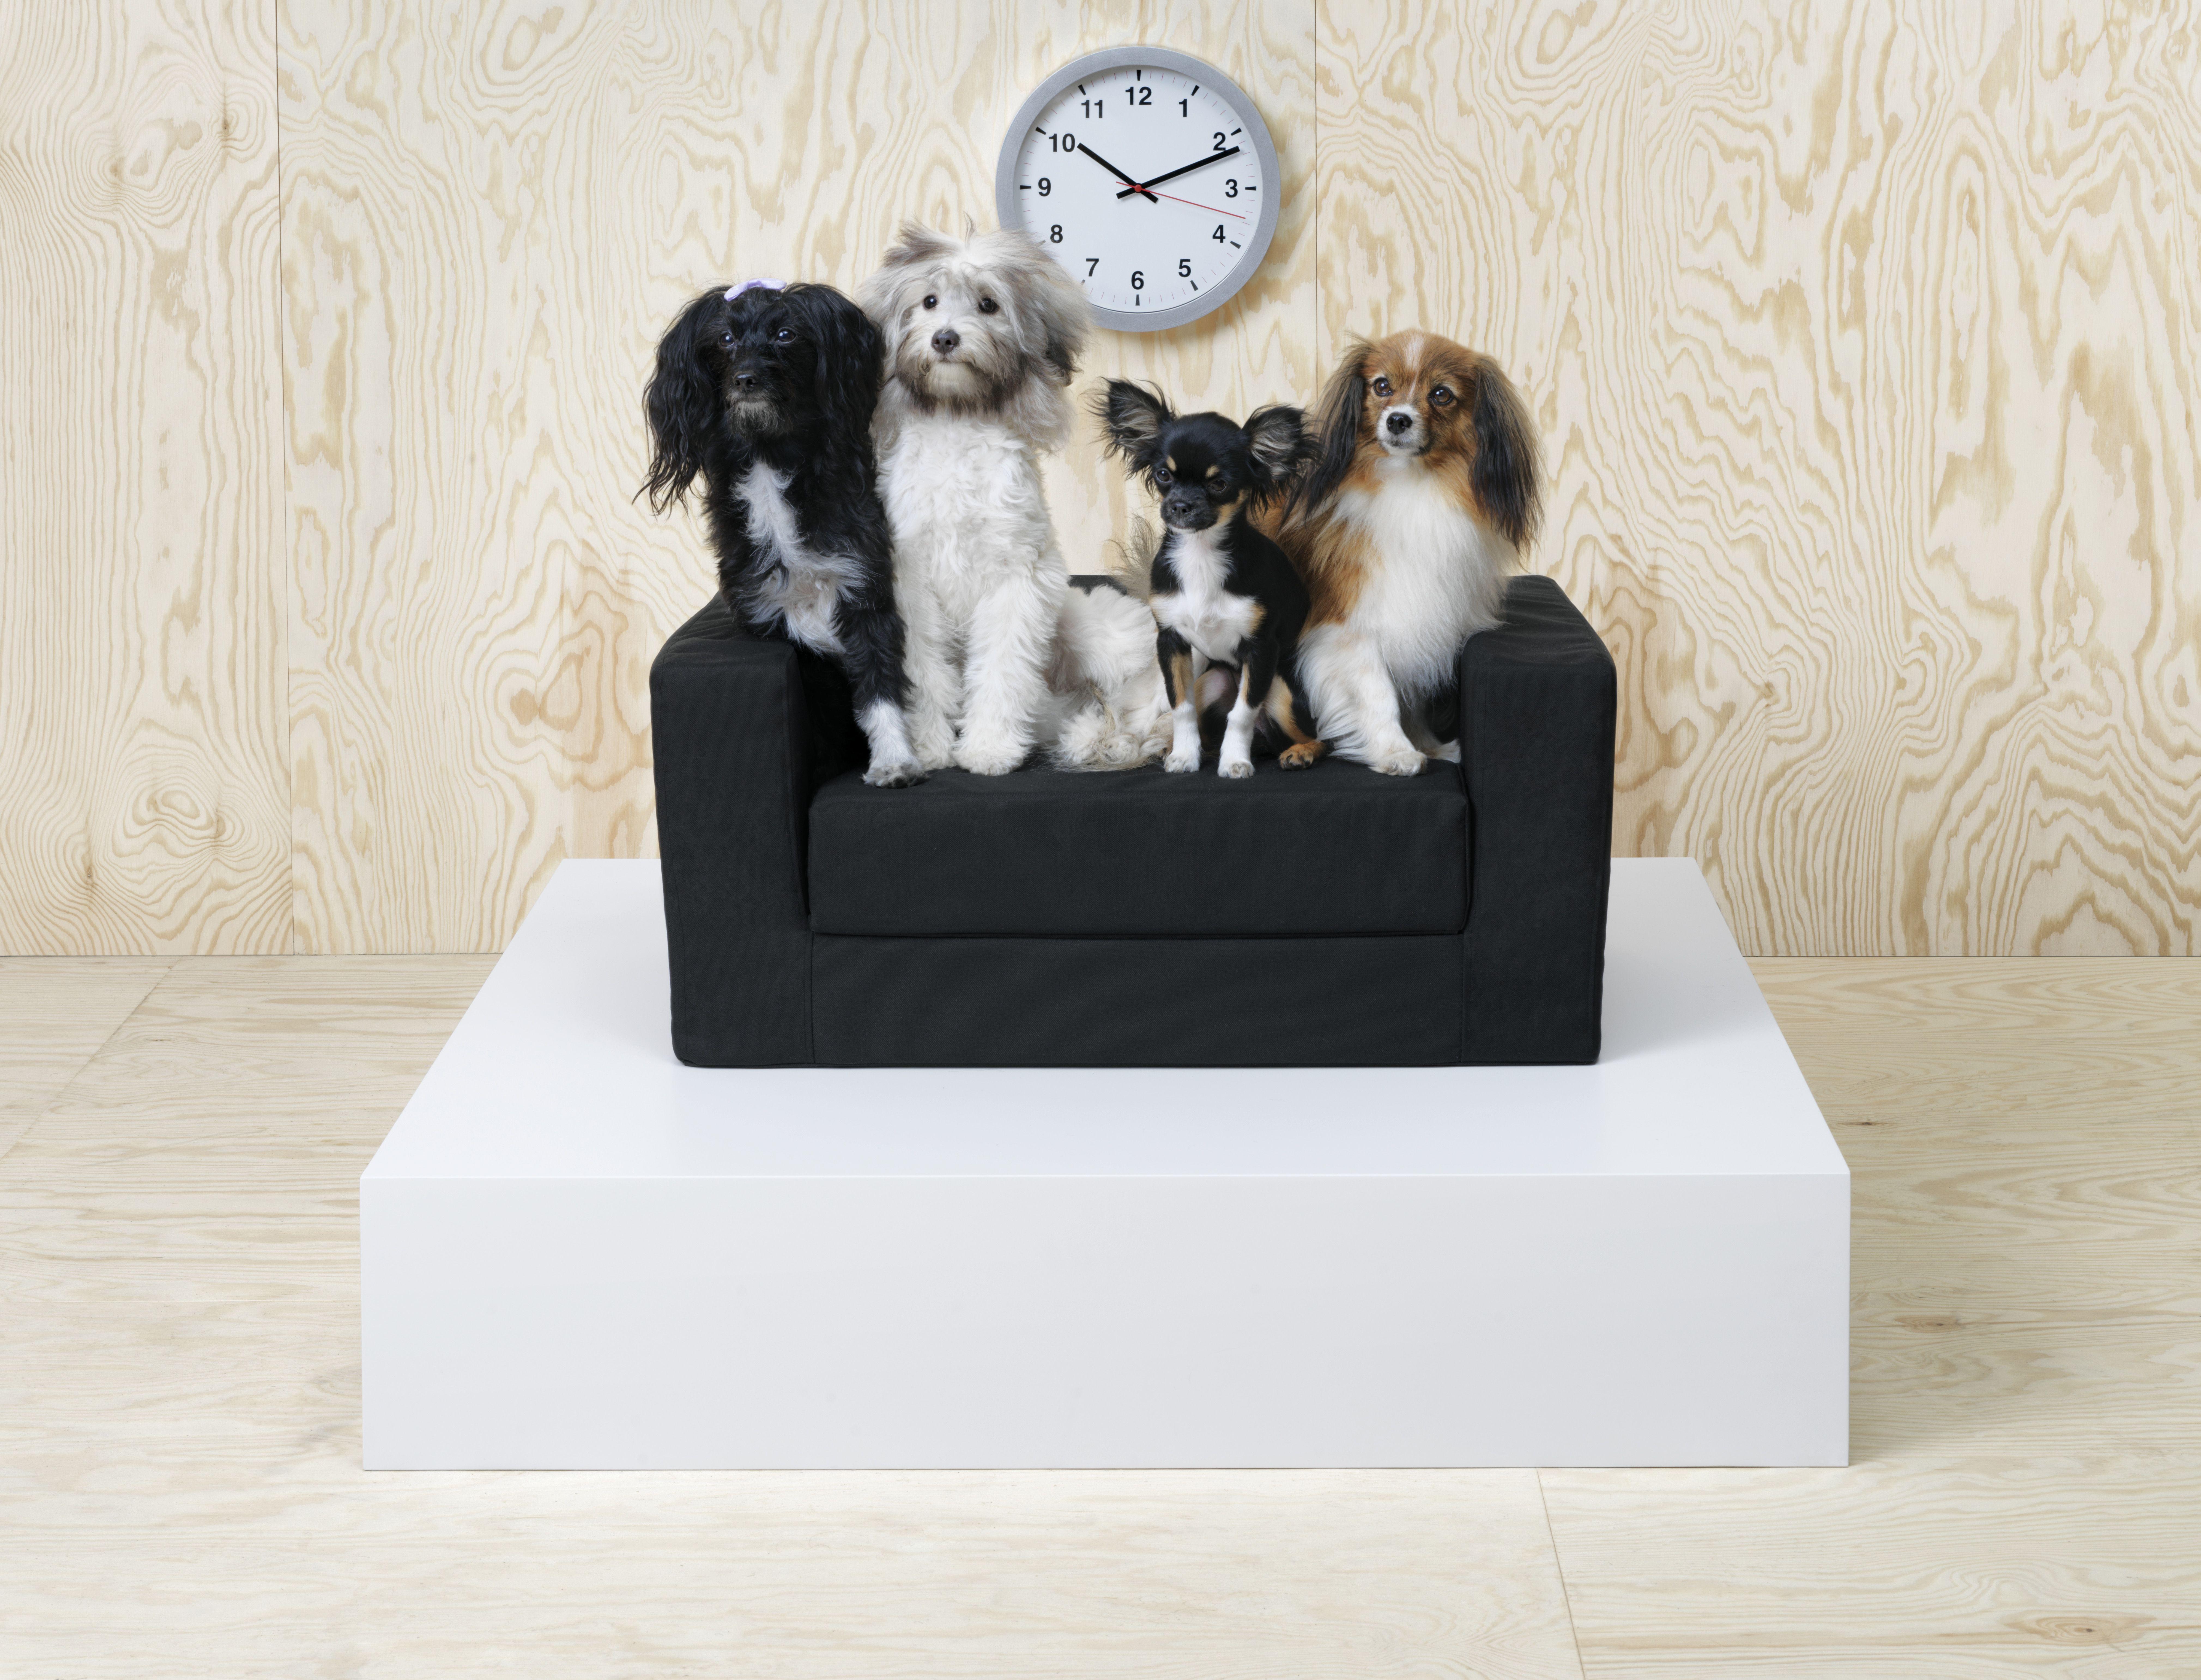 Cuccia Cane Grande Ikea lurvig cuccia per gatti/cani - nero 68x70 cm | cucce di cani